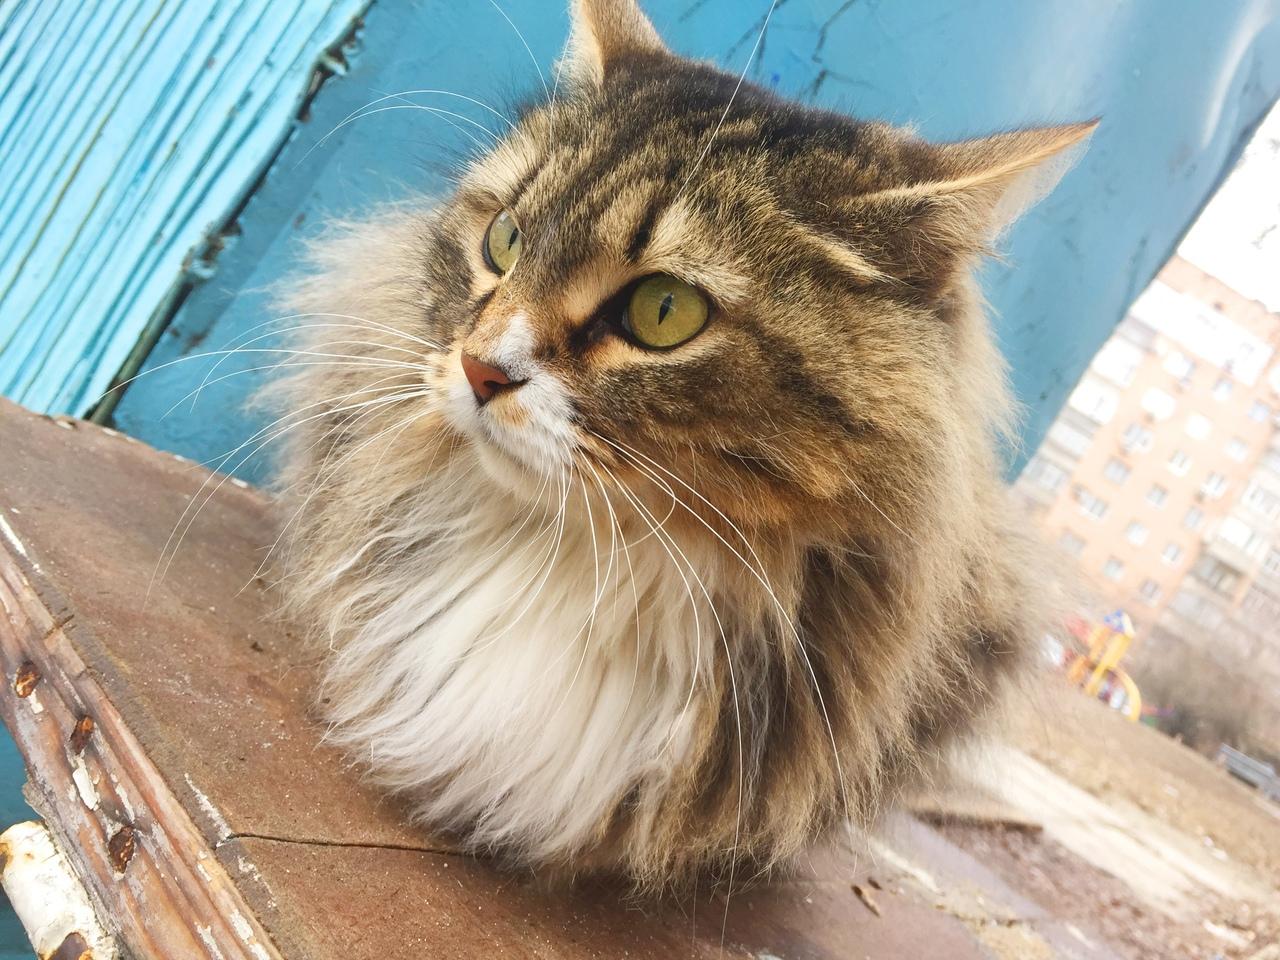 ‼🆘‼ Помогите найти дом этой замечательной кошечке ‼🆘‼